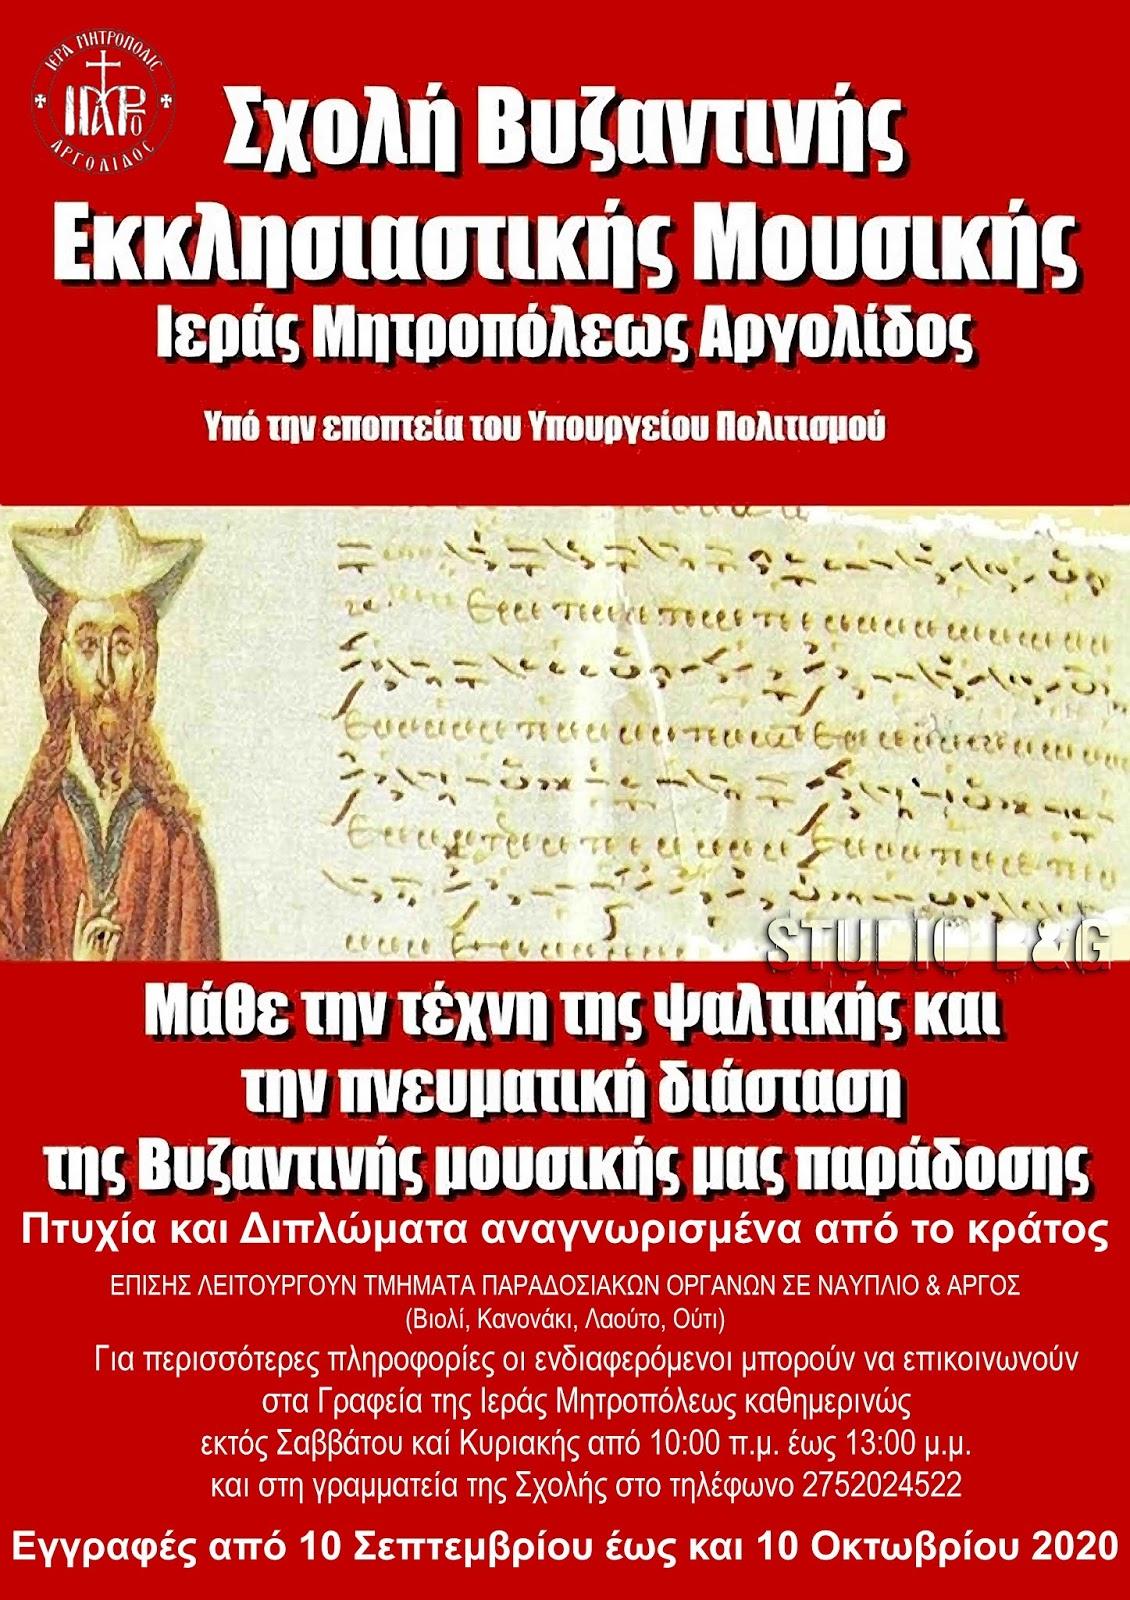 Ξεκίνησαν οι εγγραφές στη Σχολή Βυζαντινής Εκκλησιαστικής Μουσικής της Ιεράς Μητροπόλεως μας